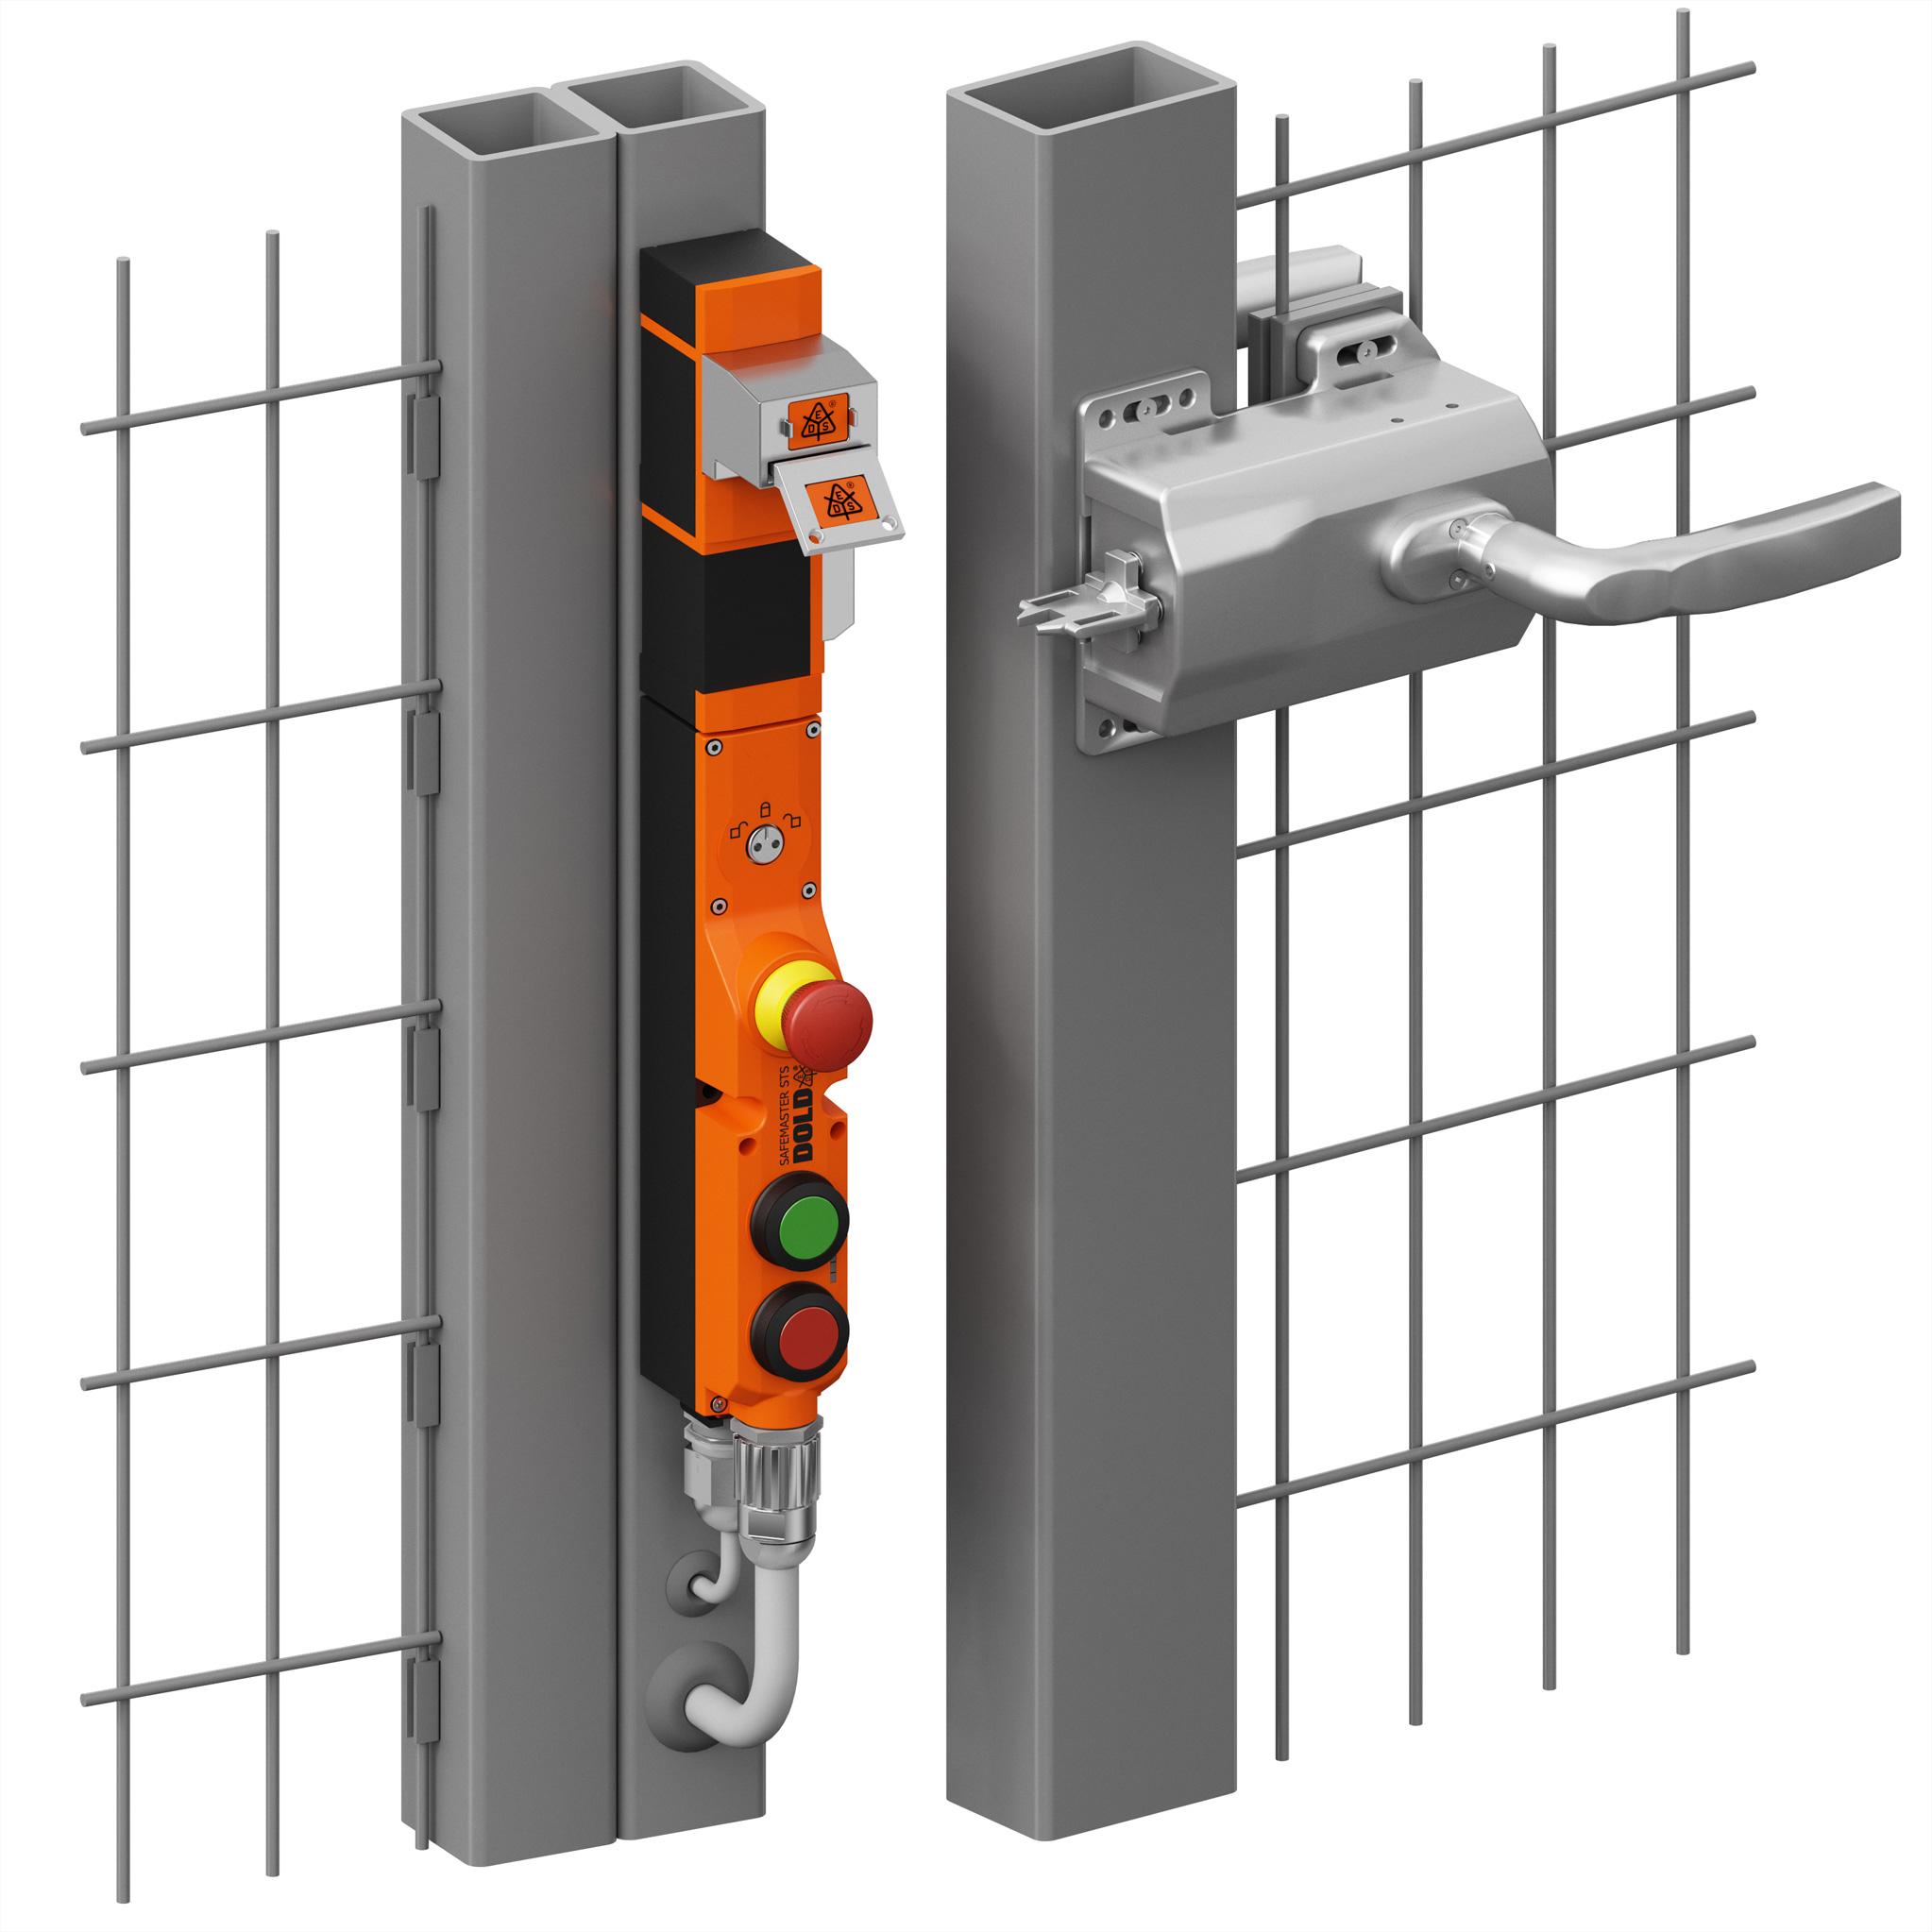 Ergonomisches Öffnen von Schutztüren